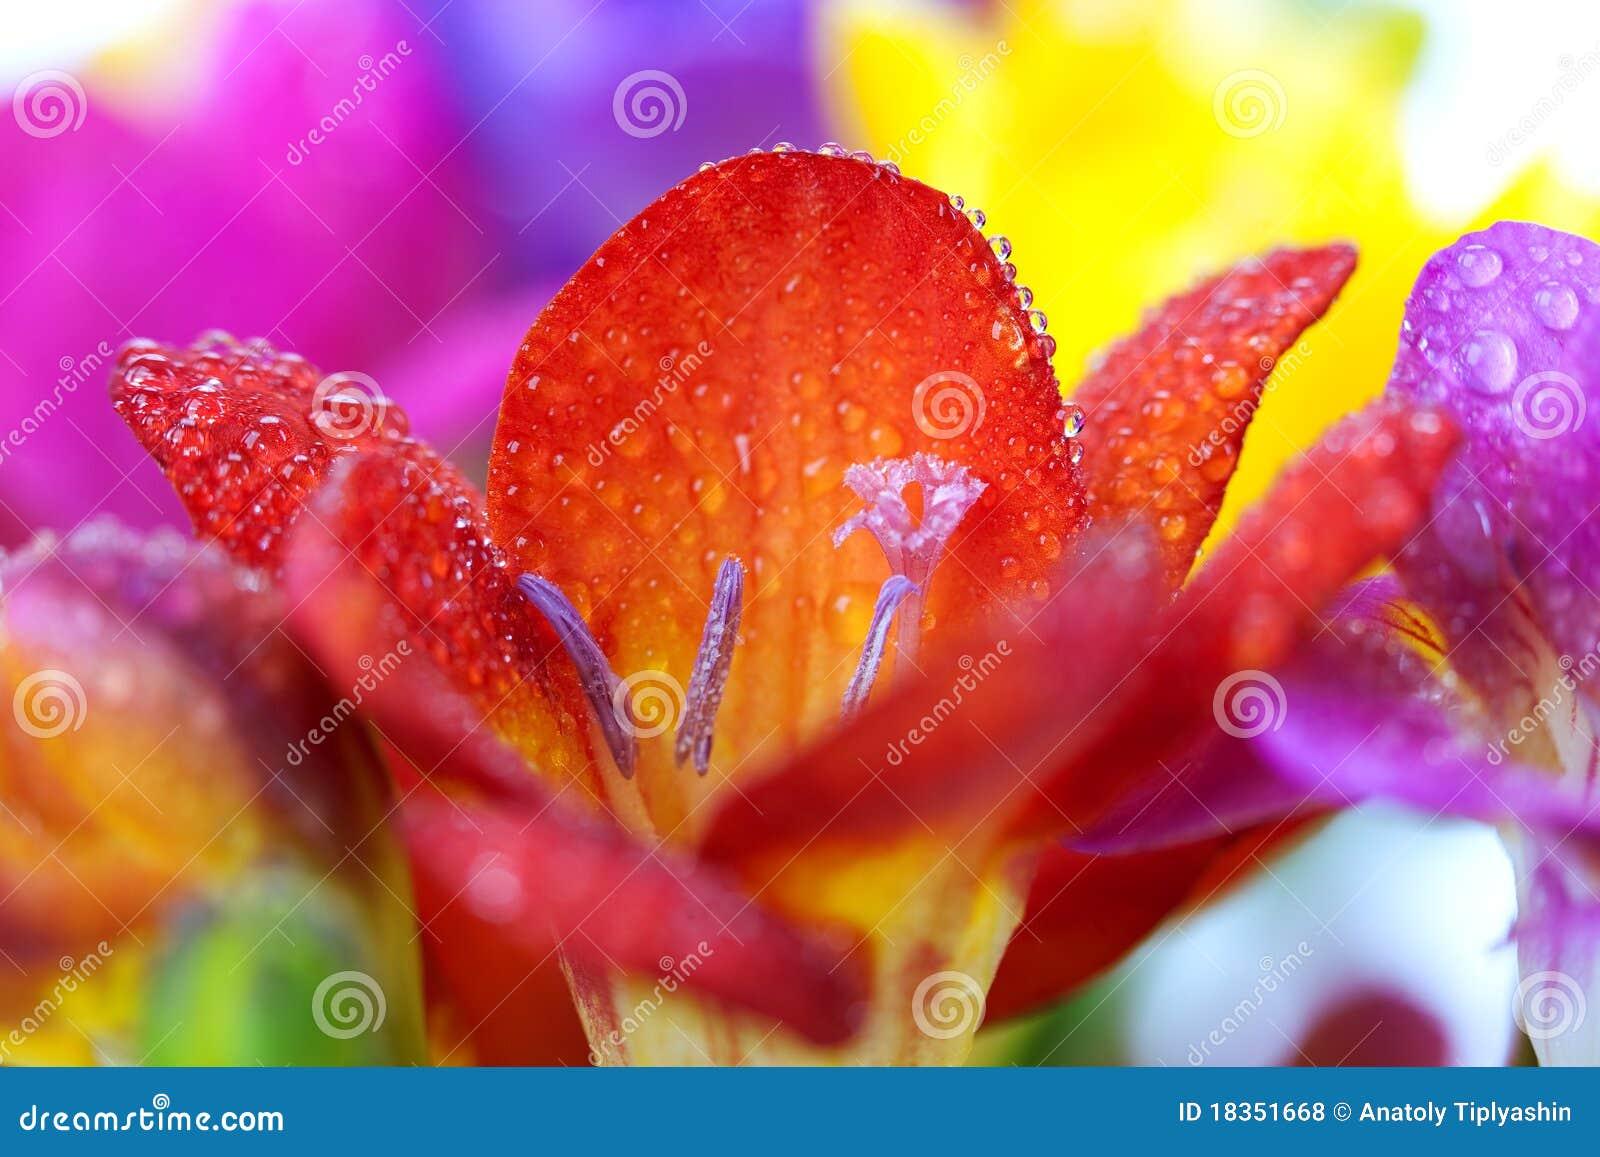 Macro crocus flowers